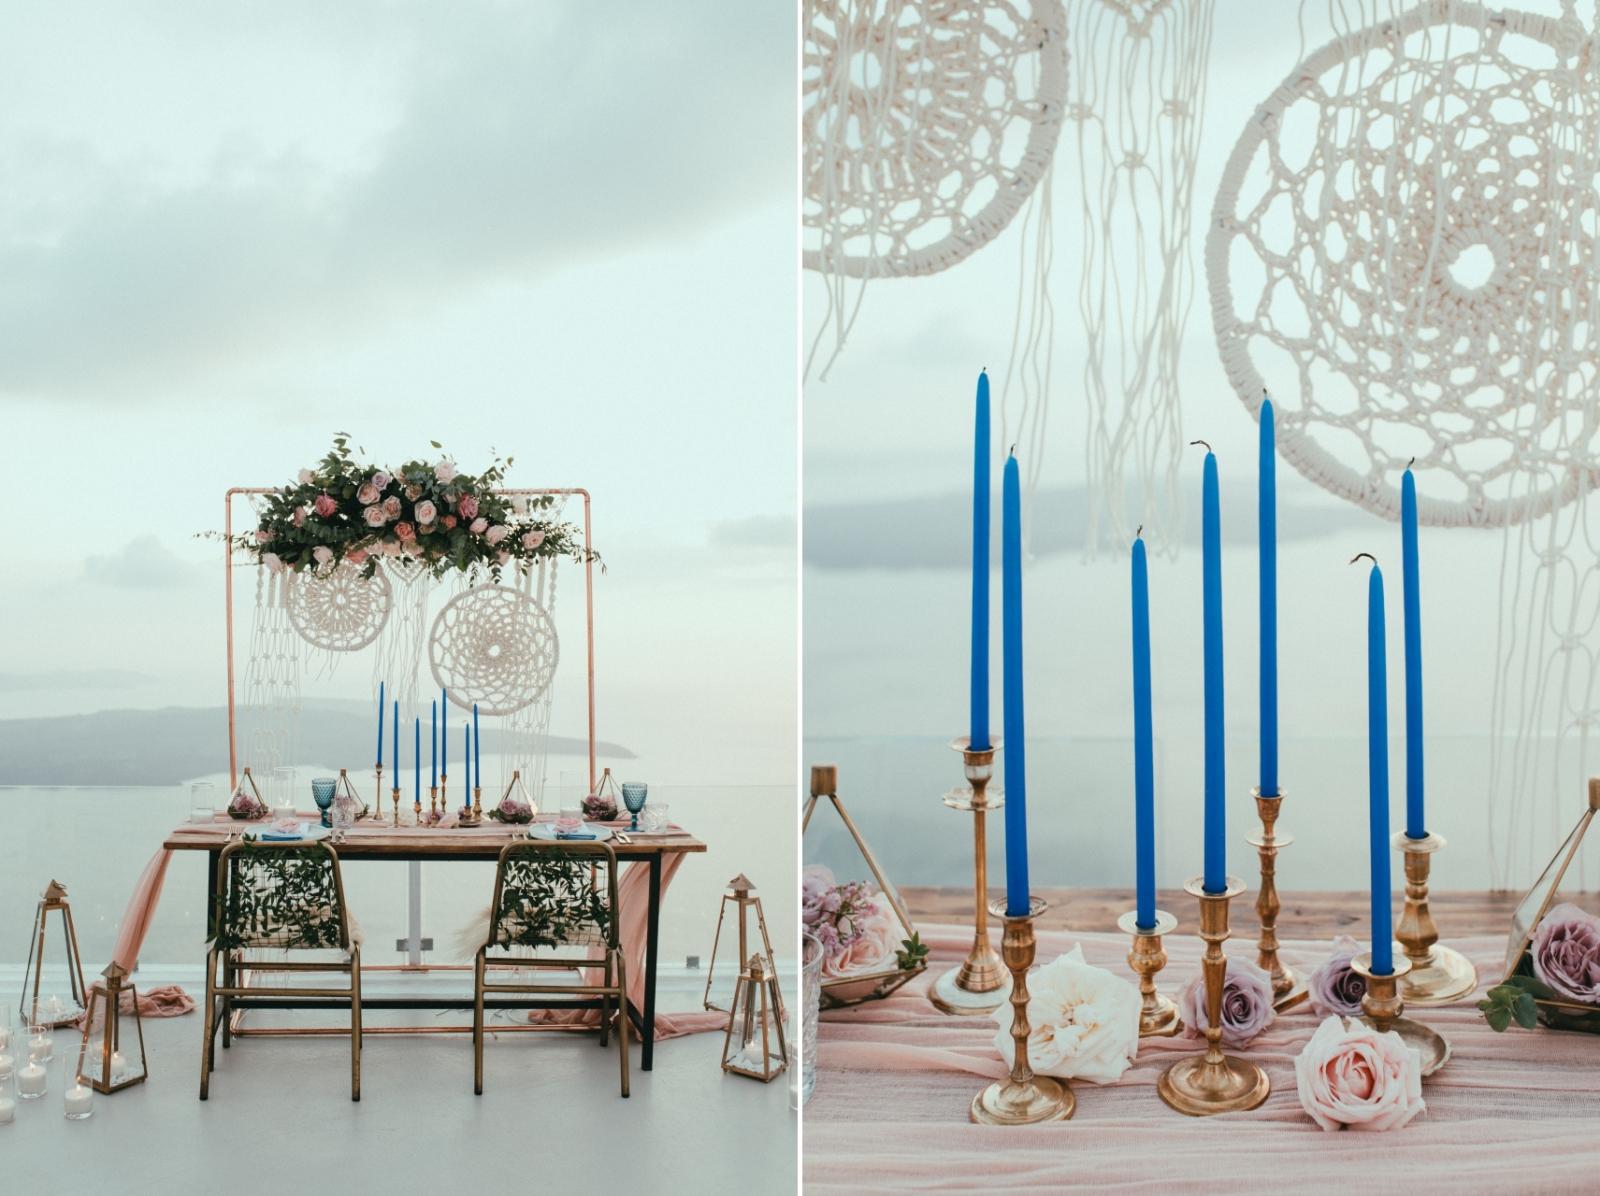 santorini-wedding-photographer78.jpg